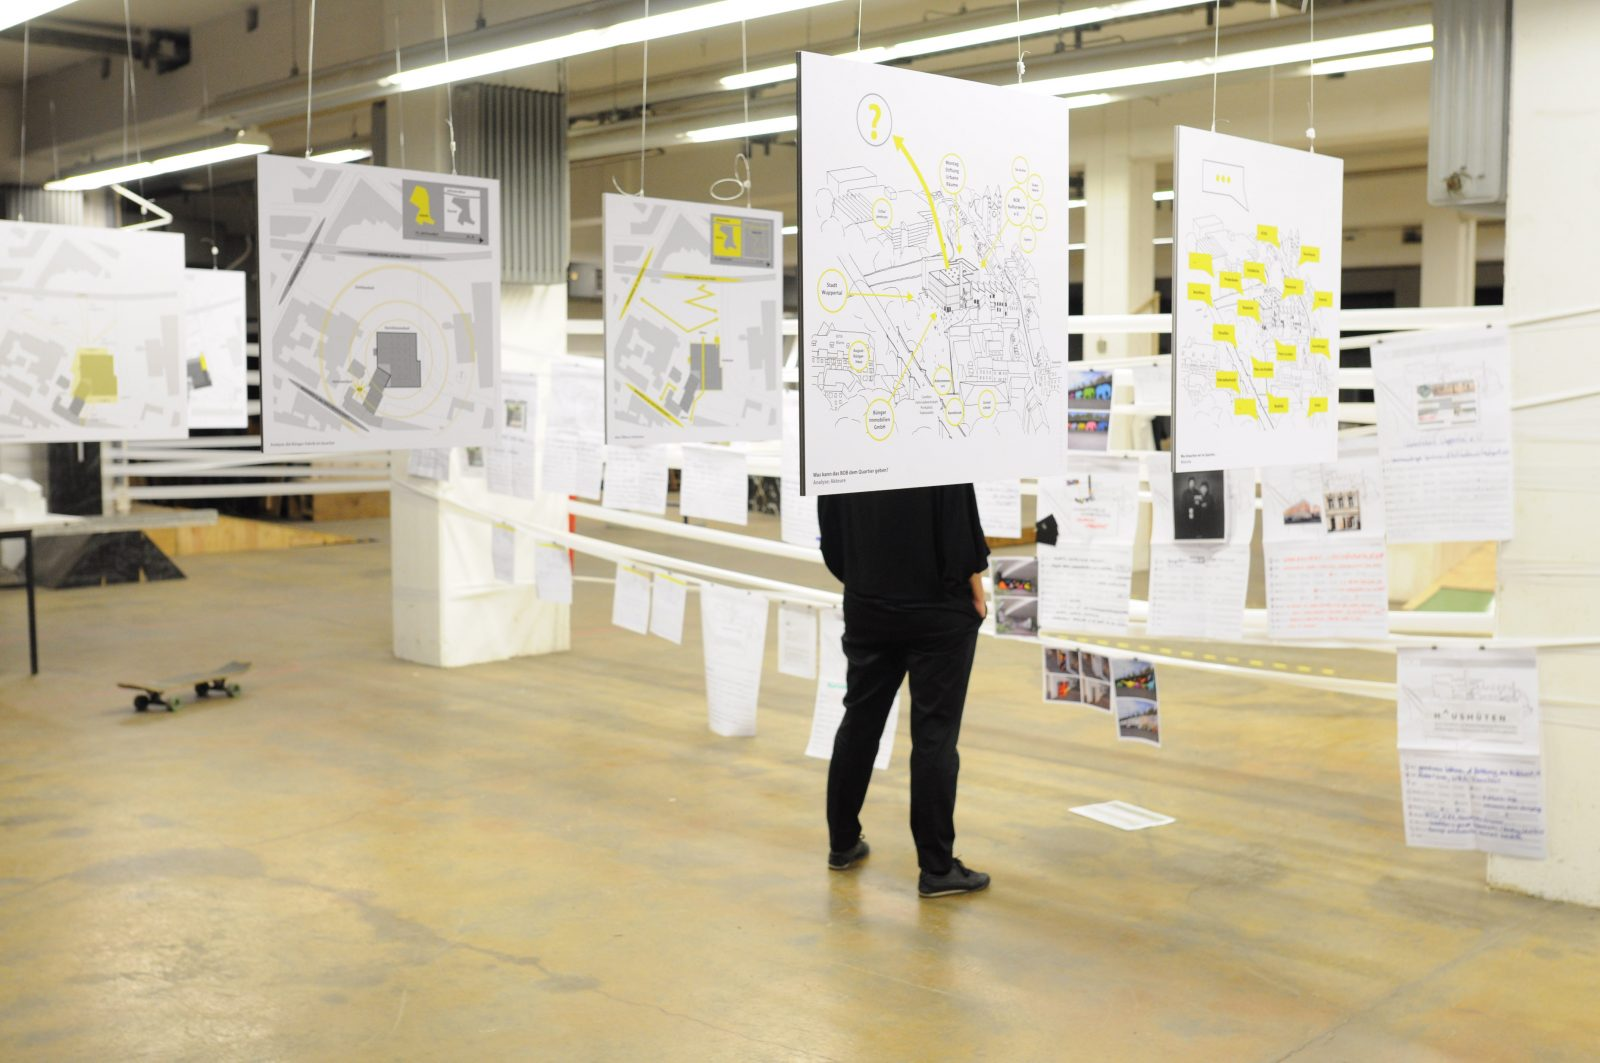 Foto: Sandra Scholten, (C) Montag Stiftung Urbane Räume gAG